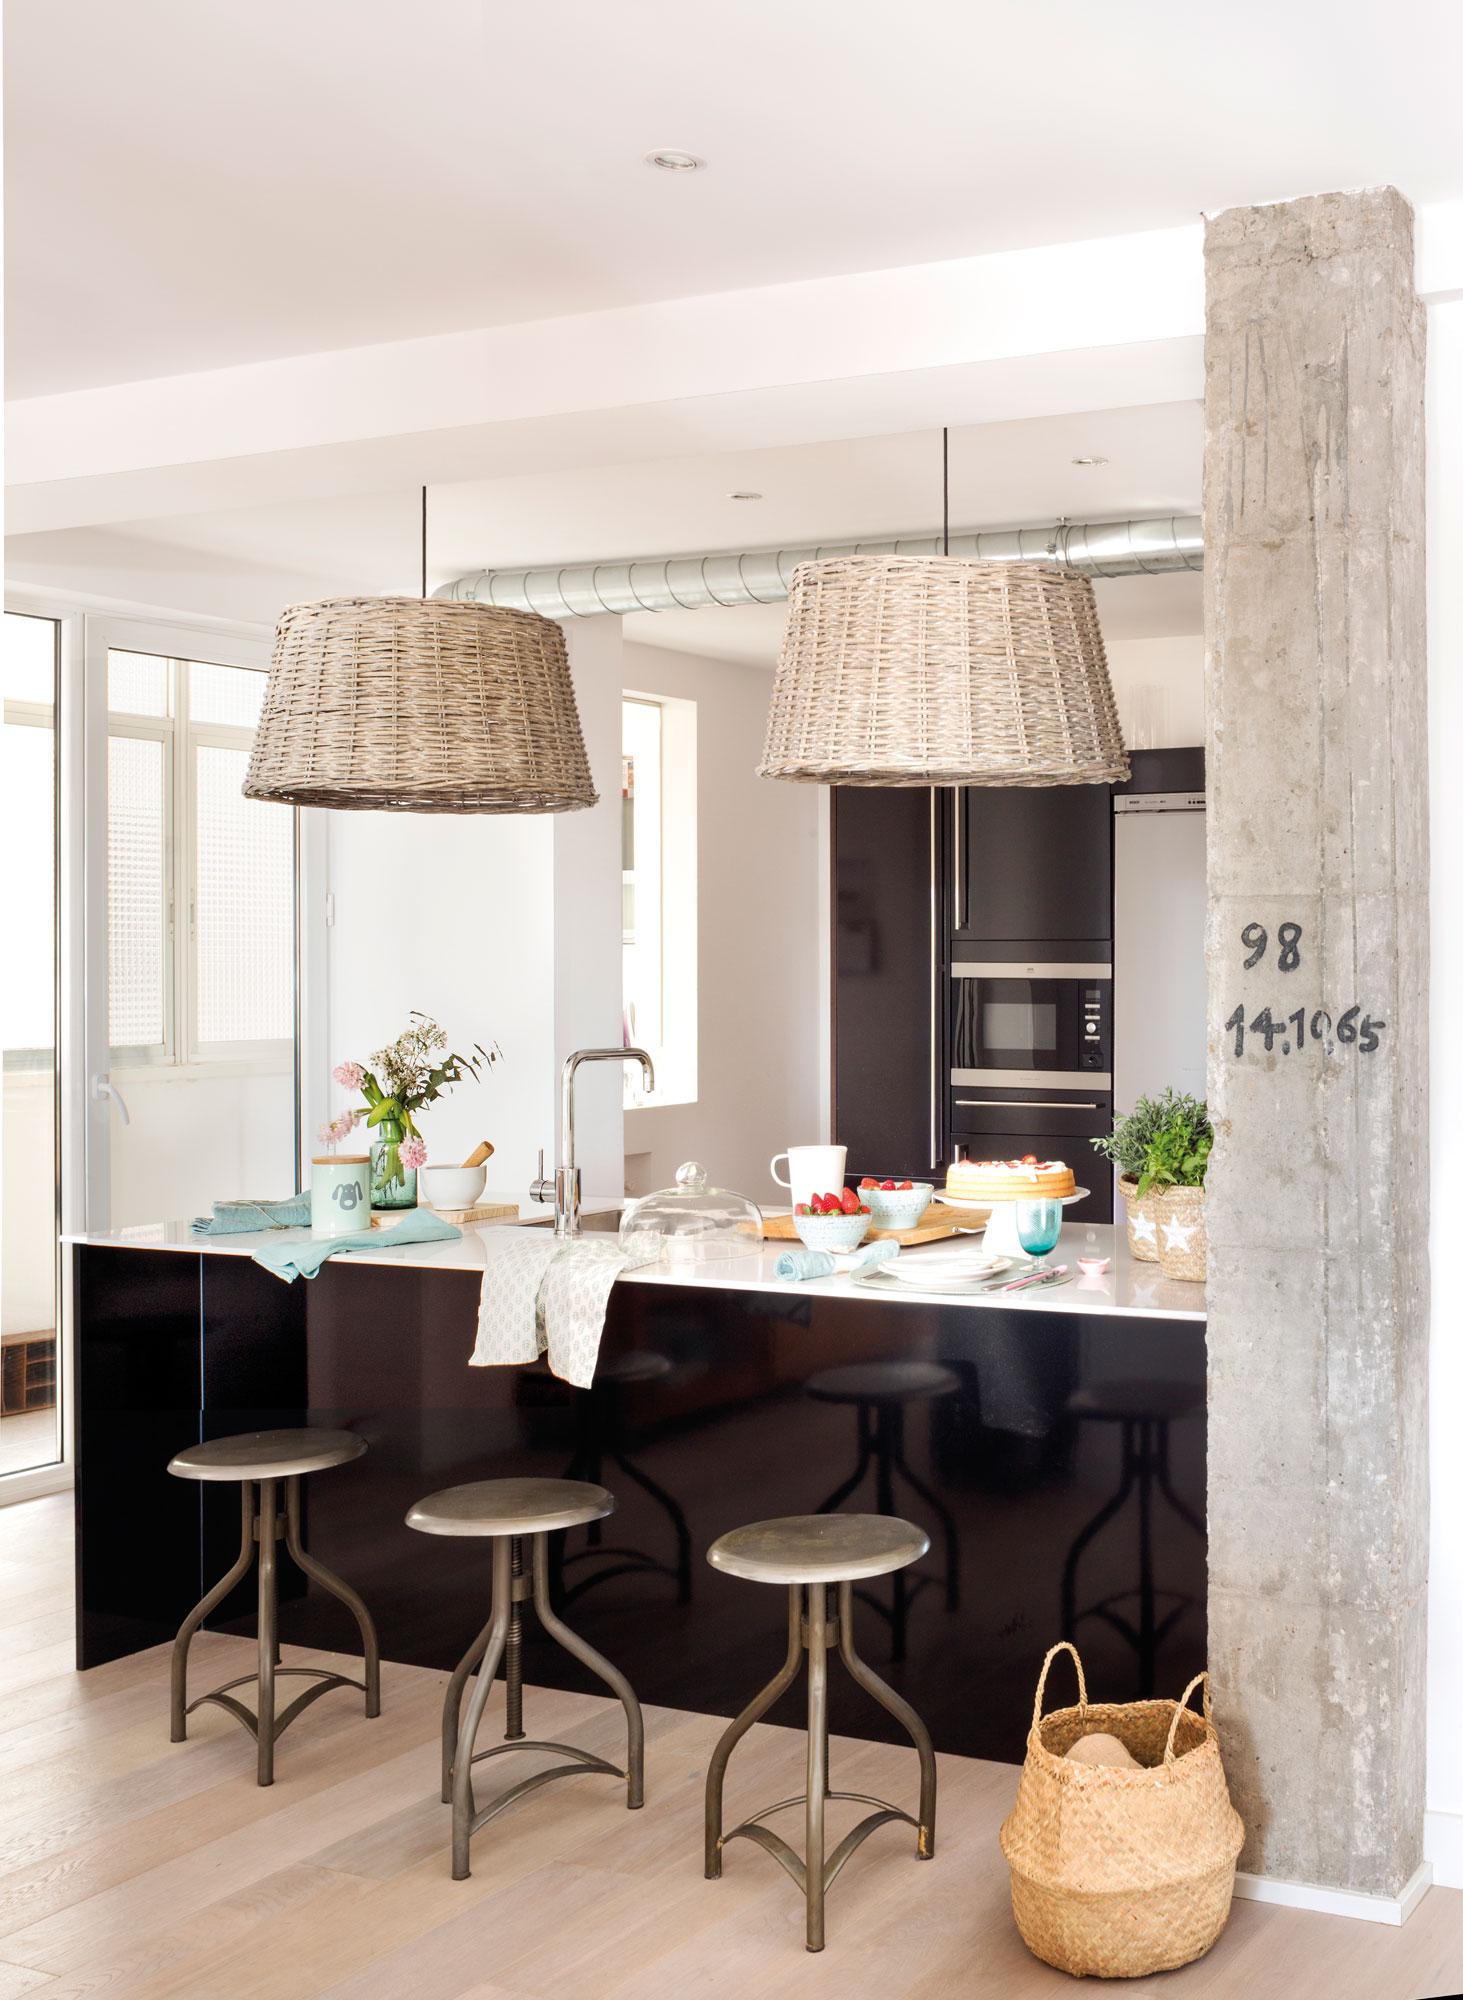 Excelente Imágenes De Negro Manchado Muebles De Cocina Imágenes ...